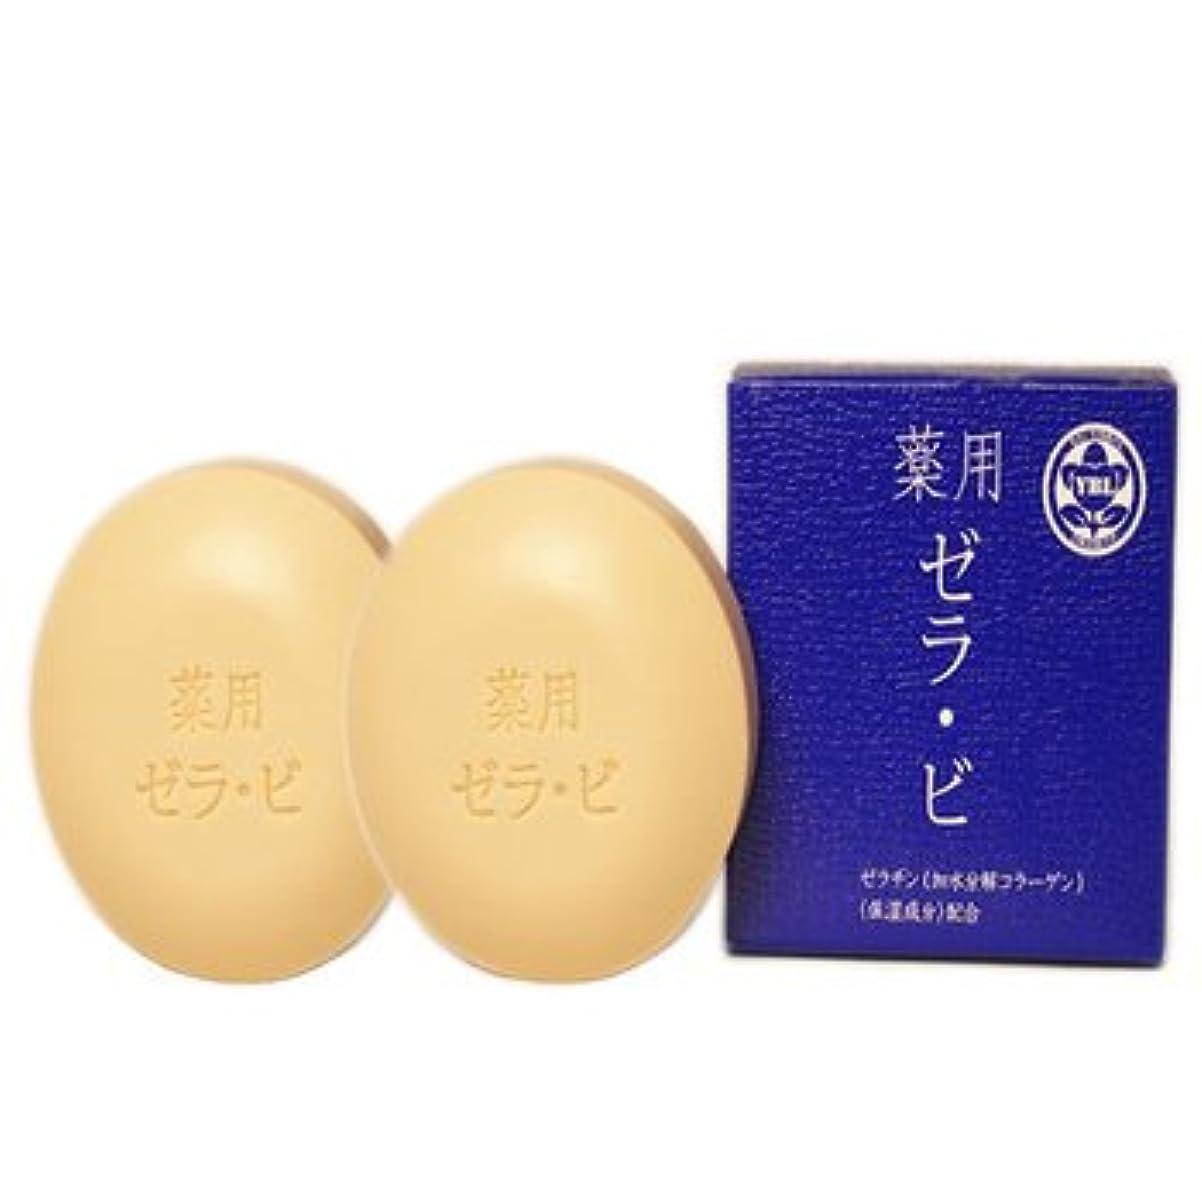 承認するすでに発掘する薬用ゼラビ90g×2個セット【医薬部外品】